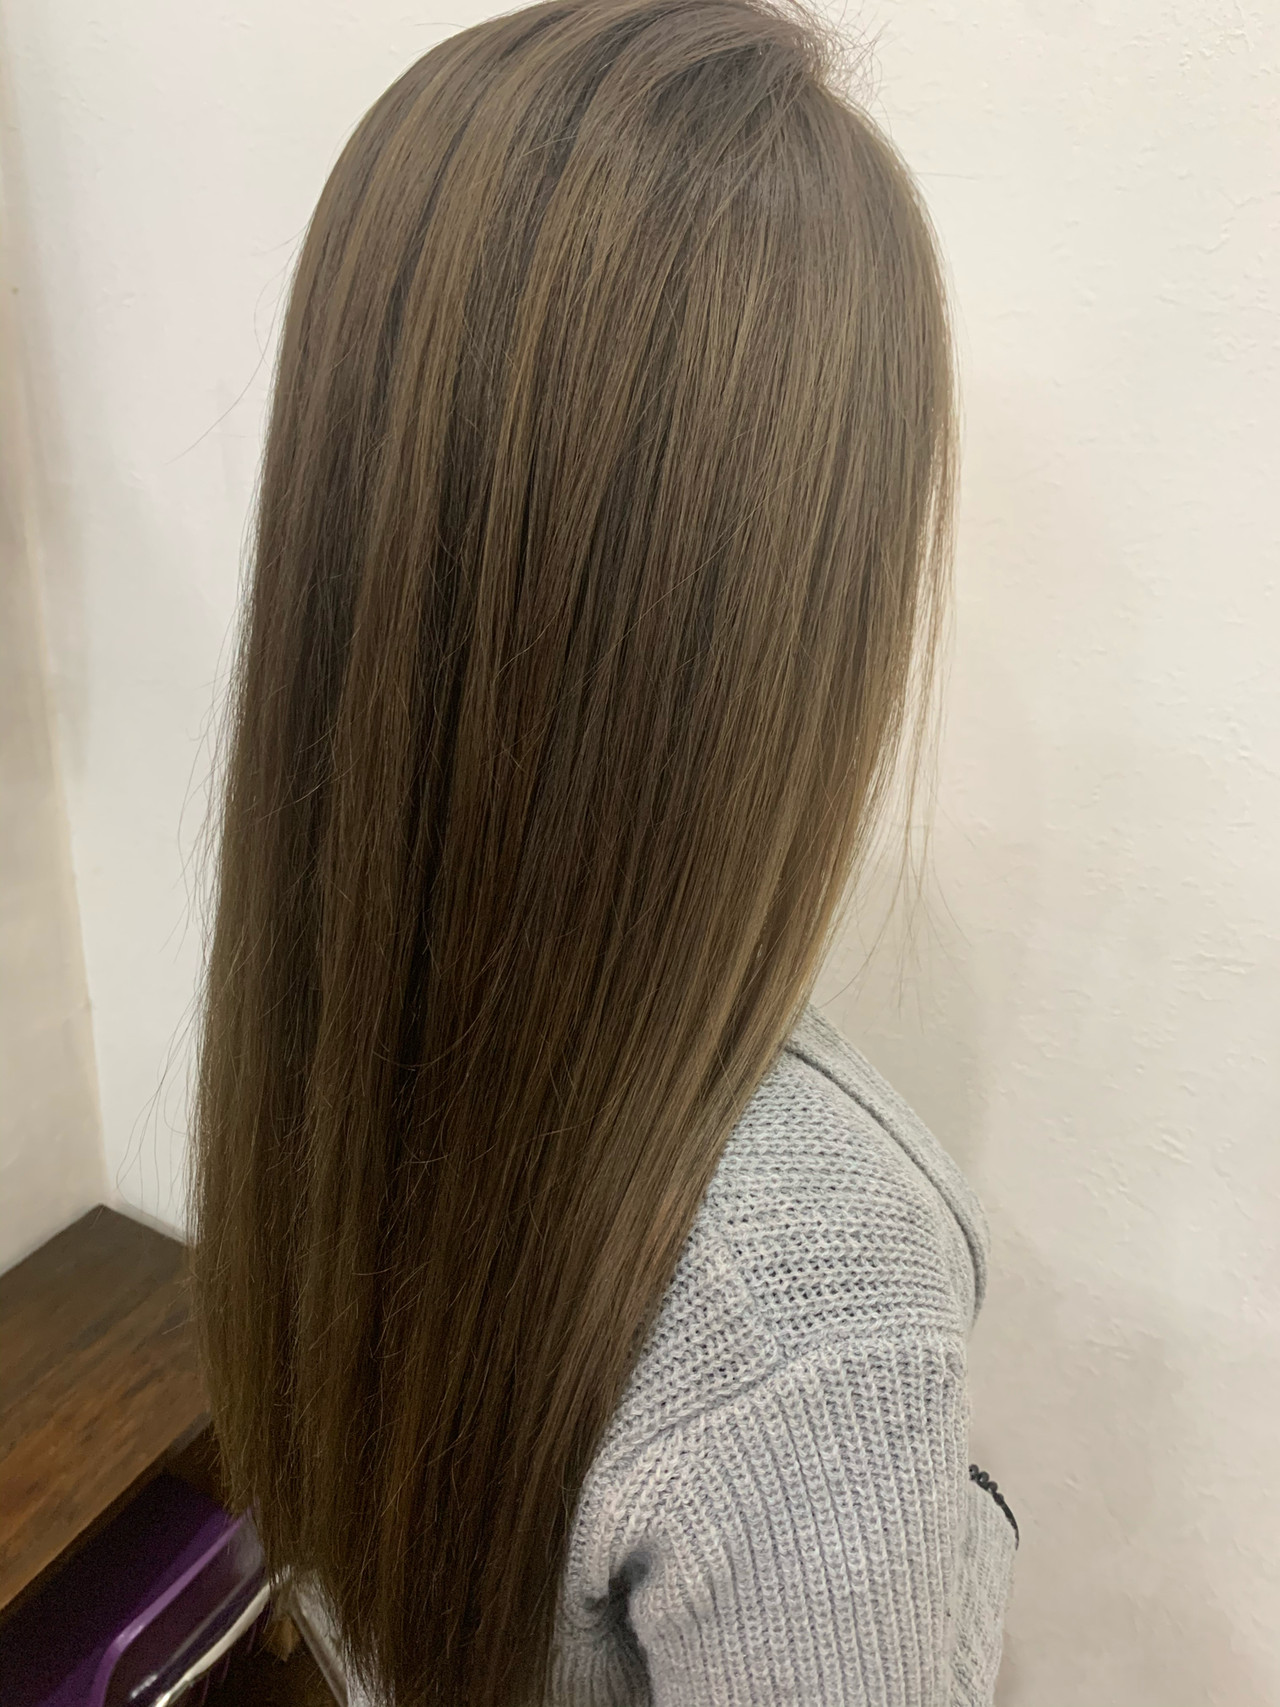 ブラウン ハイライト ブラウンベージュ ロング ヘアスタイルや髪型の写真・画像   中村怜奈 / ECOLOGICaL GLOBES